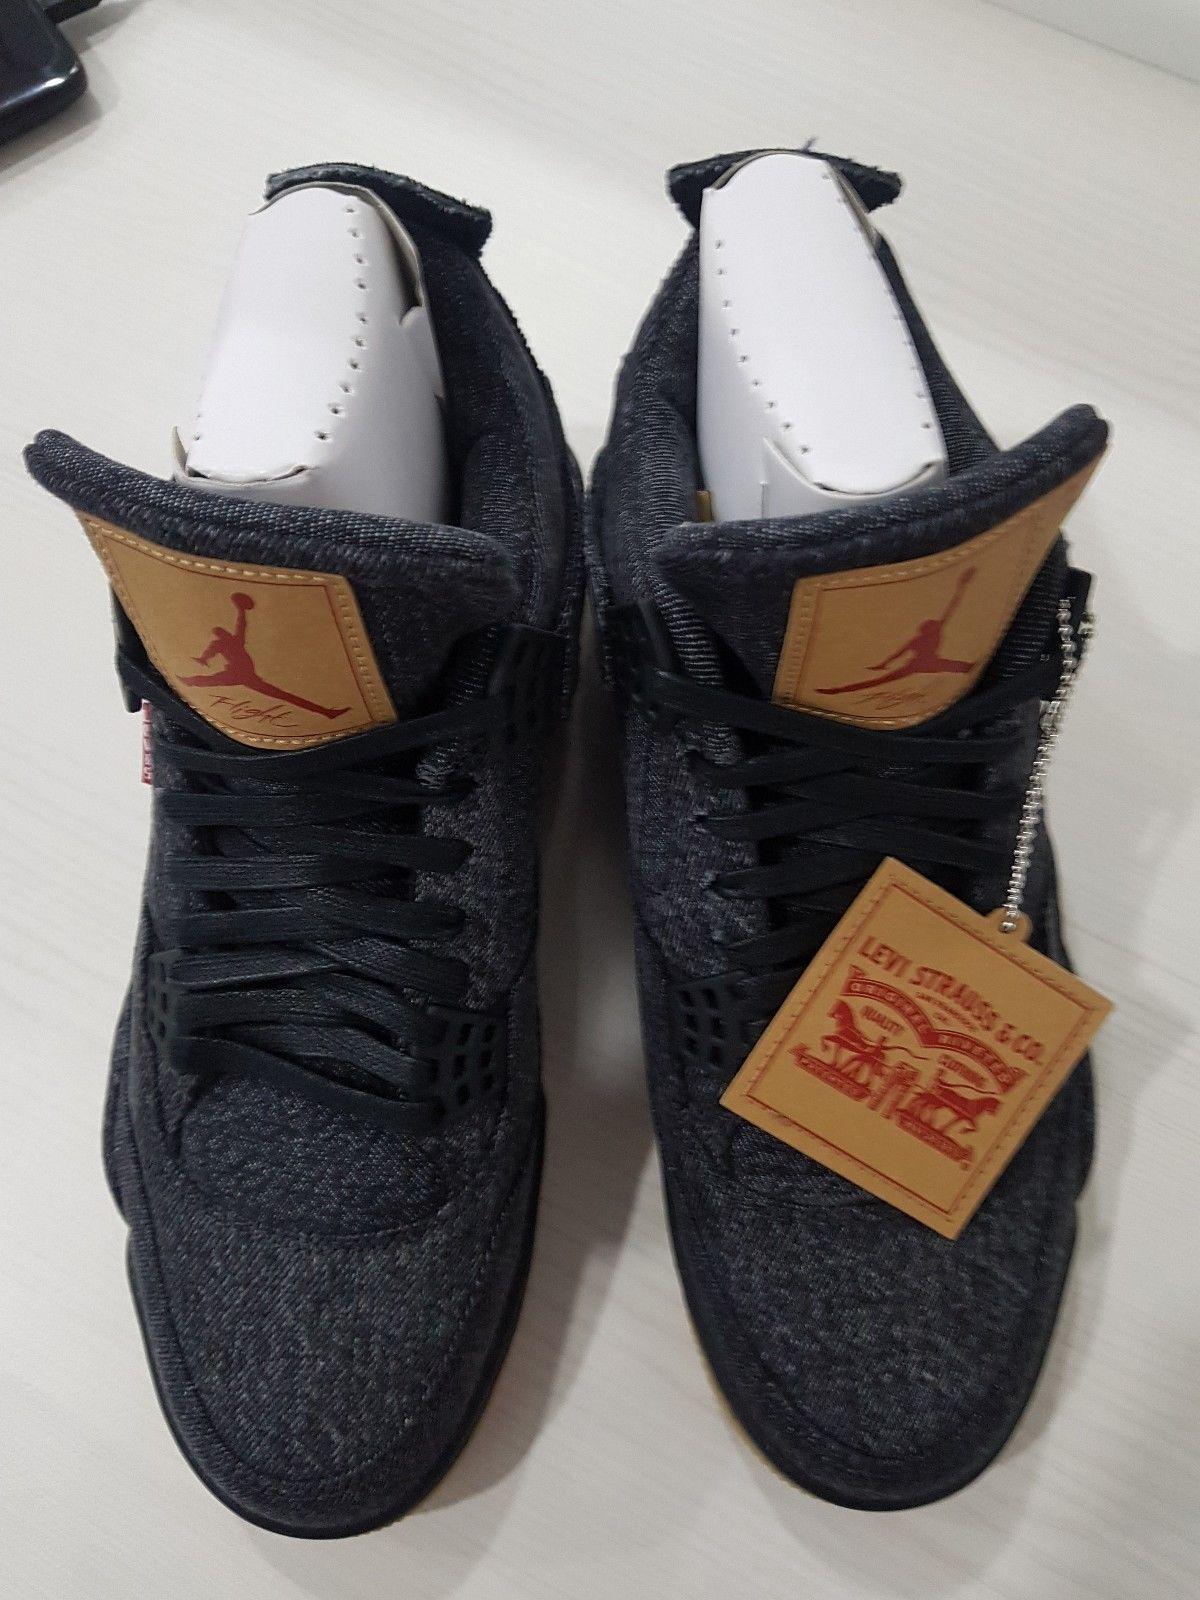 1c75887c80d763 Gergasi bundle  Air Jordan 4 Retro x Levi s